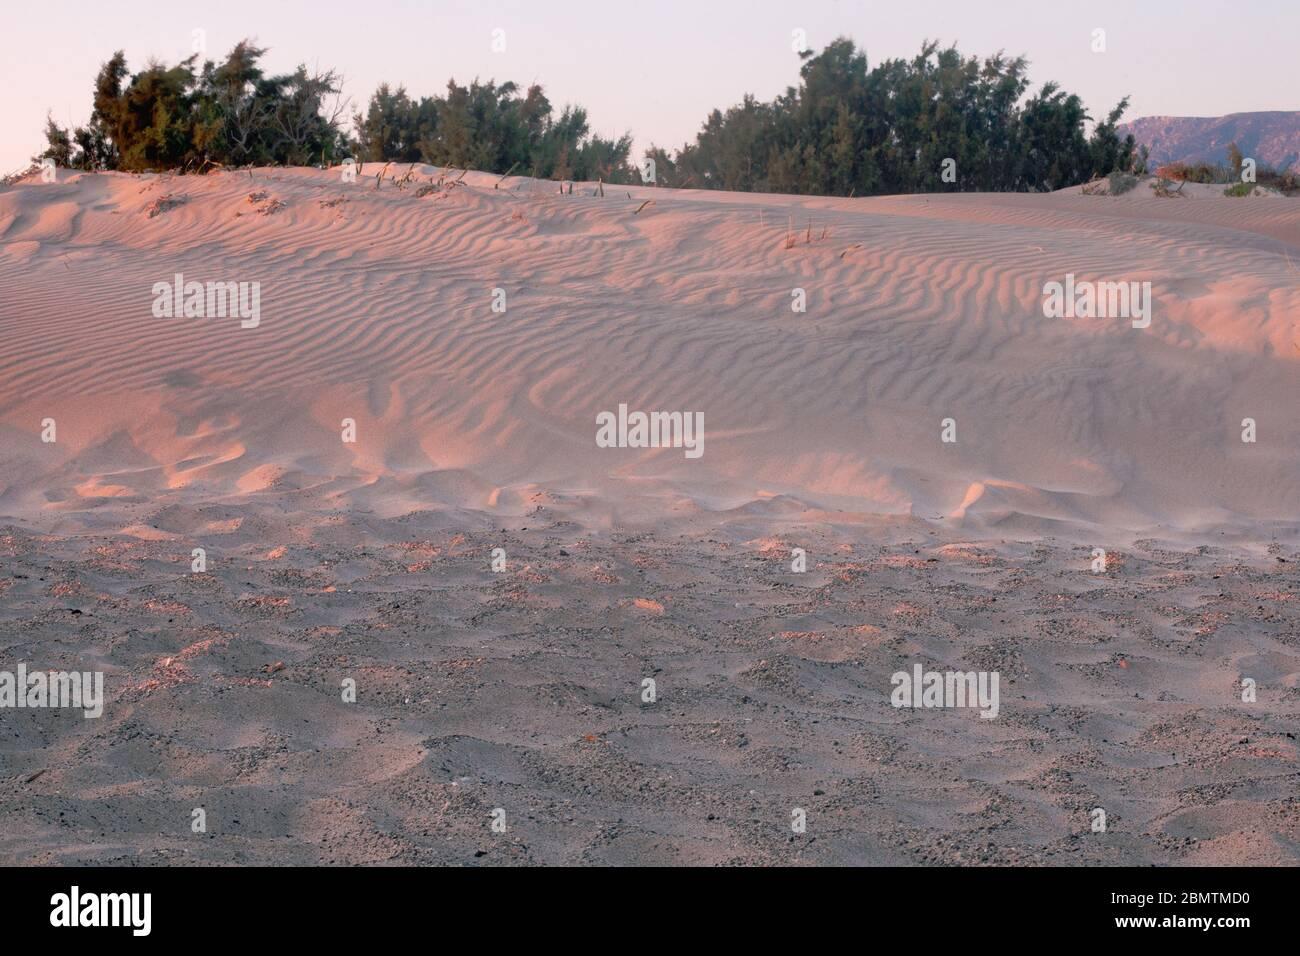 Hermosas olas de arena en la parte superior de las dunas al amanecer en Mesquite dunas de arena plana con plantas verdes, Grecia, Elafonisy Foto de stock